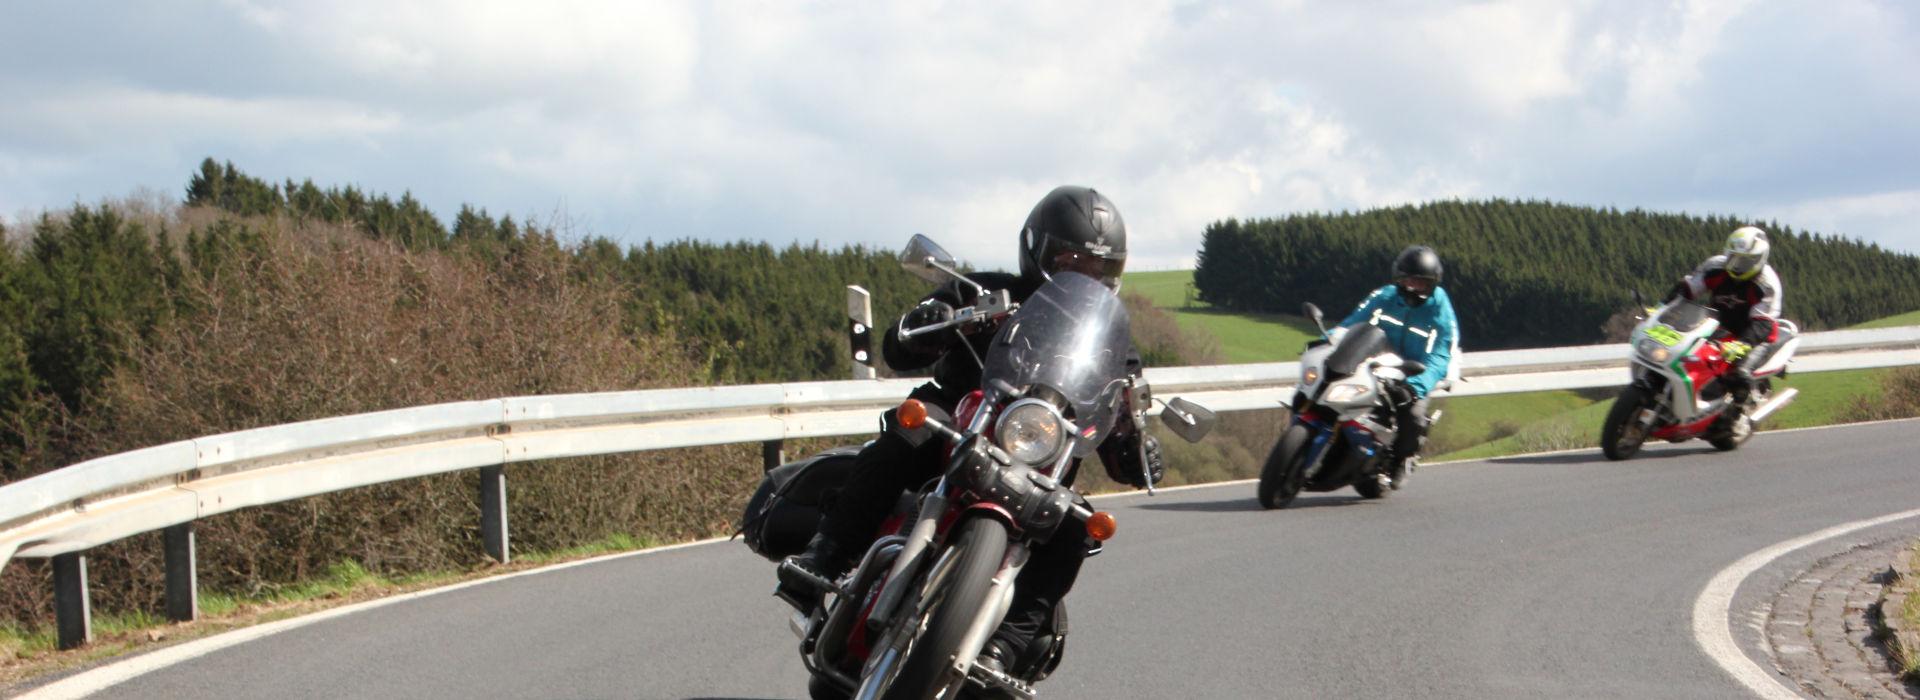 Motorrijbewijspoint Meerkerk snel motorrijbewijs halen